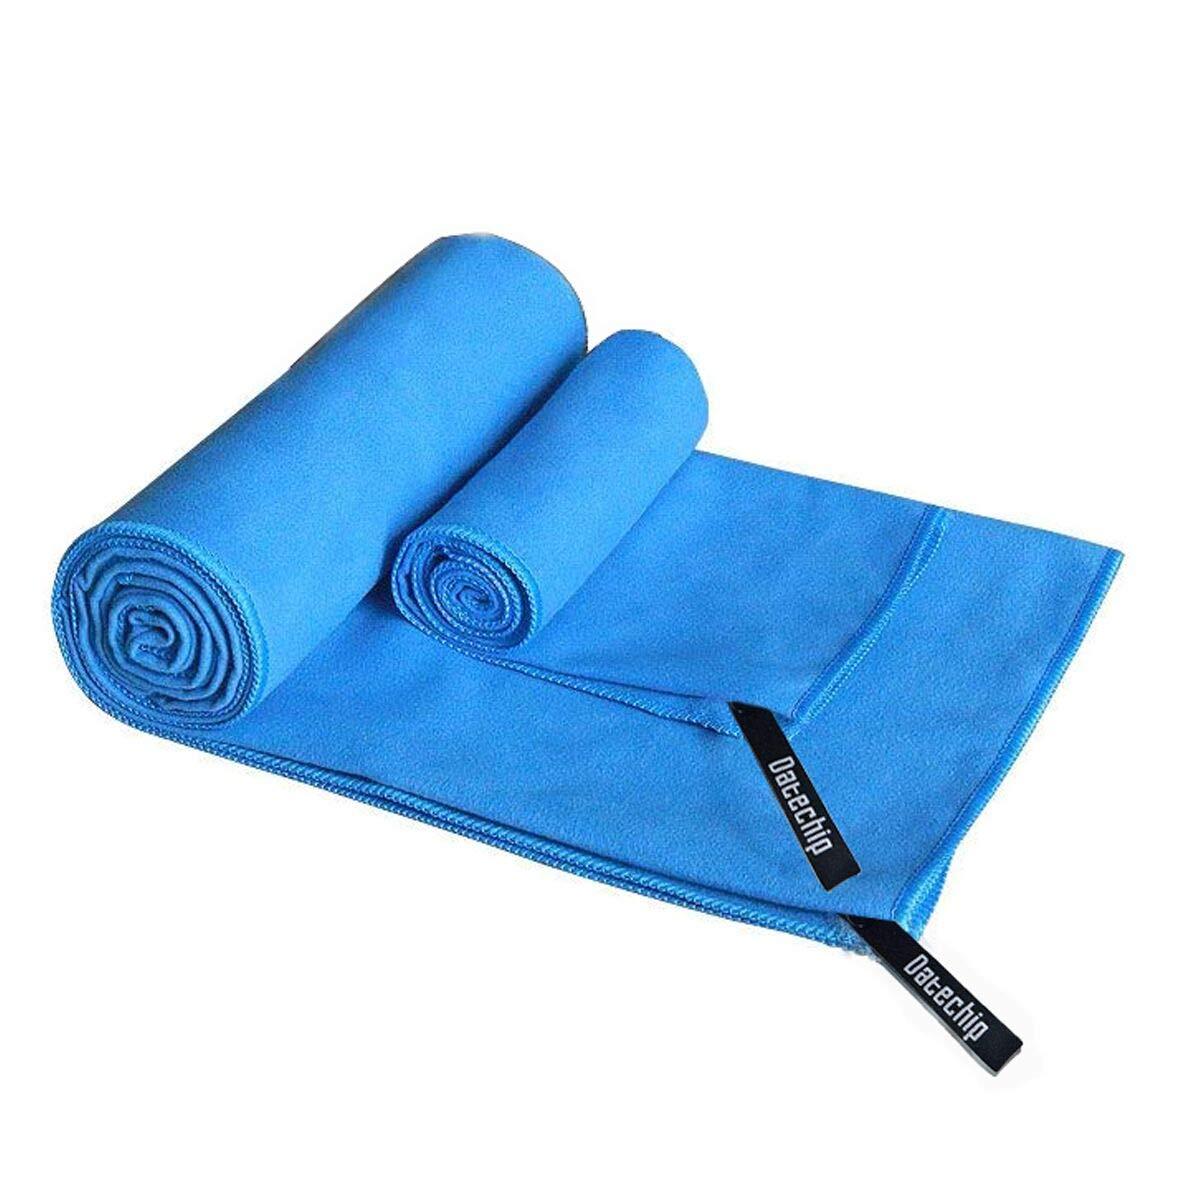 Suave toallas de microfibra deportes de Set–datechip toalla Super absorbente toalla de playa, grande de viaje ligero y de secado rápido para hombres mujeres, incluyendo bolsa de almacenamiento, Blue-Gray